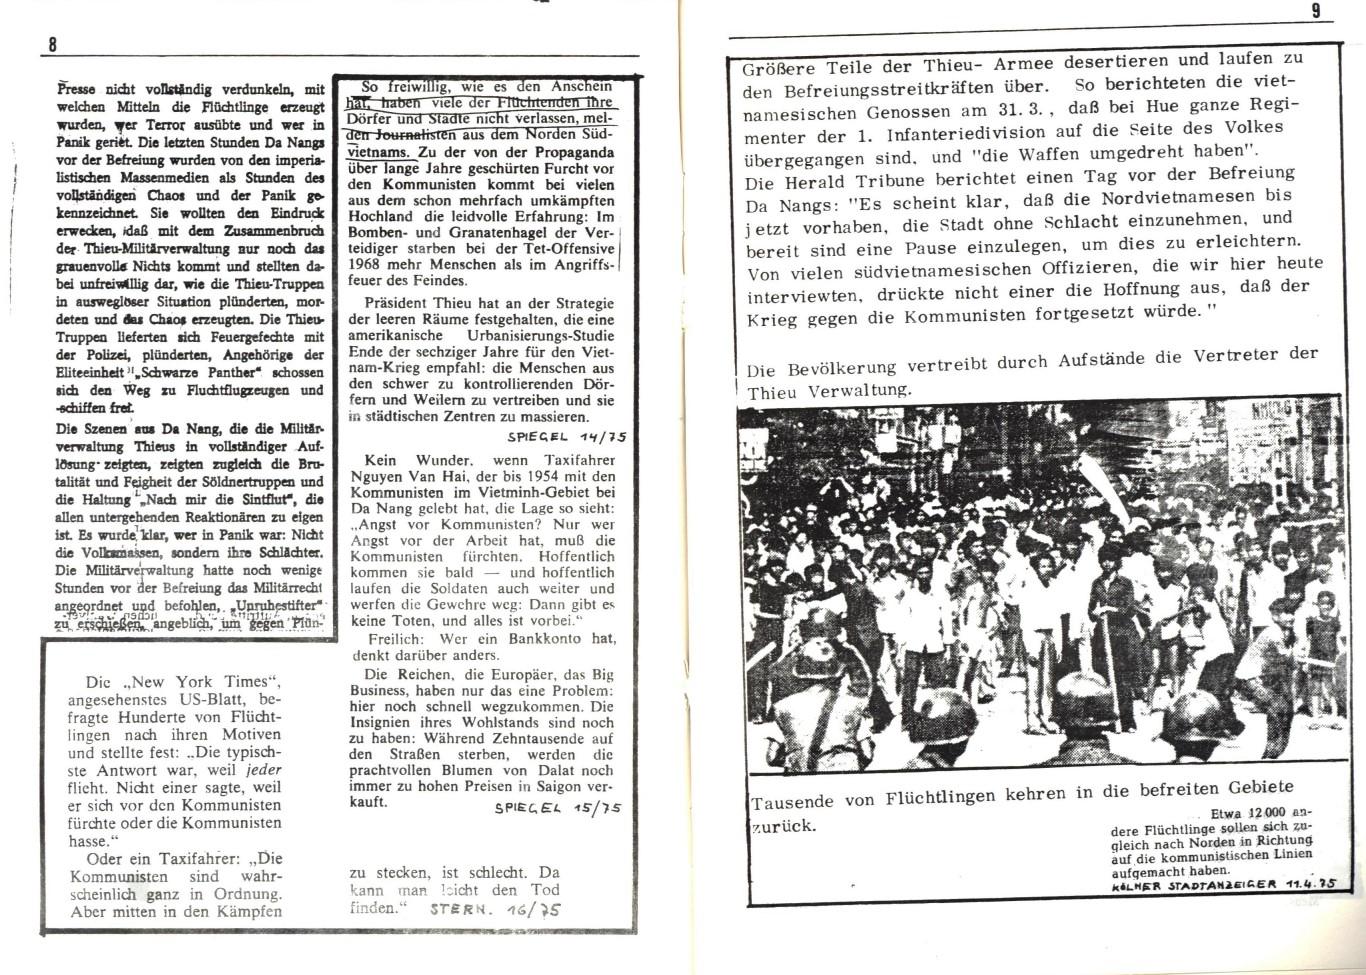 Nds_KSV_1975_Suedvietnam_05